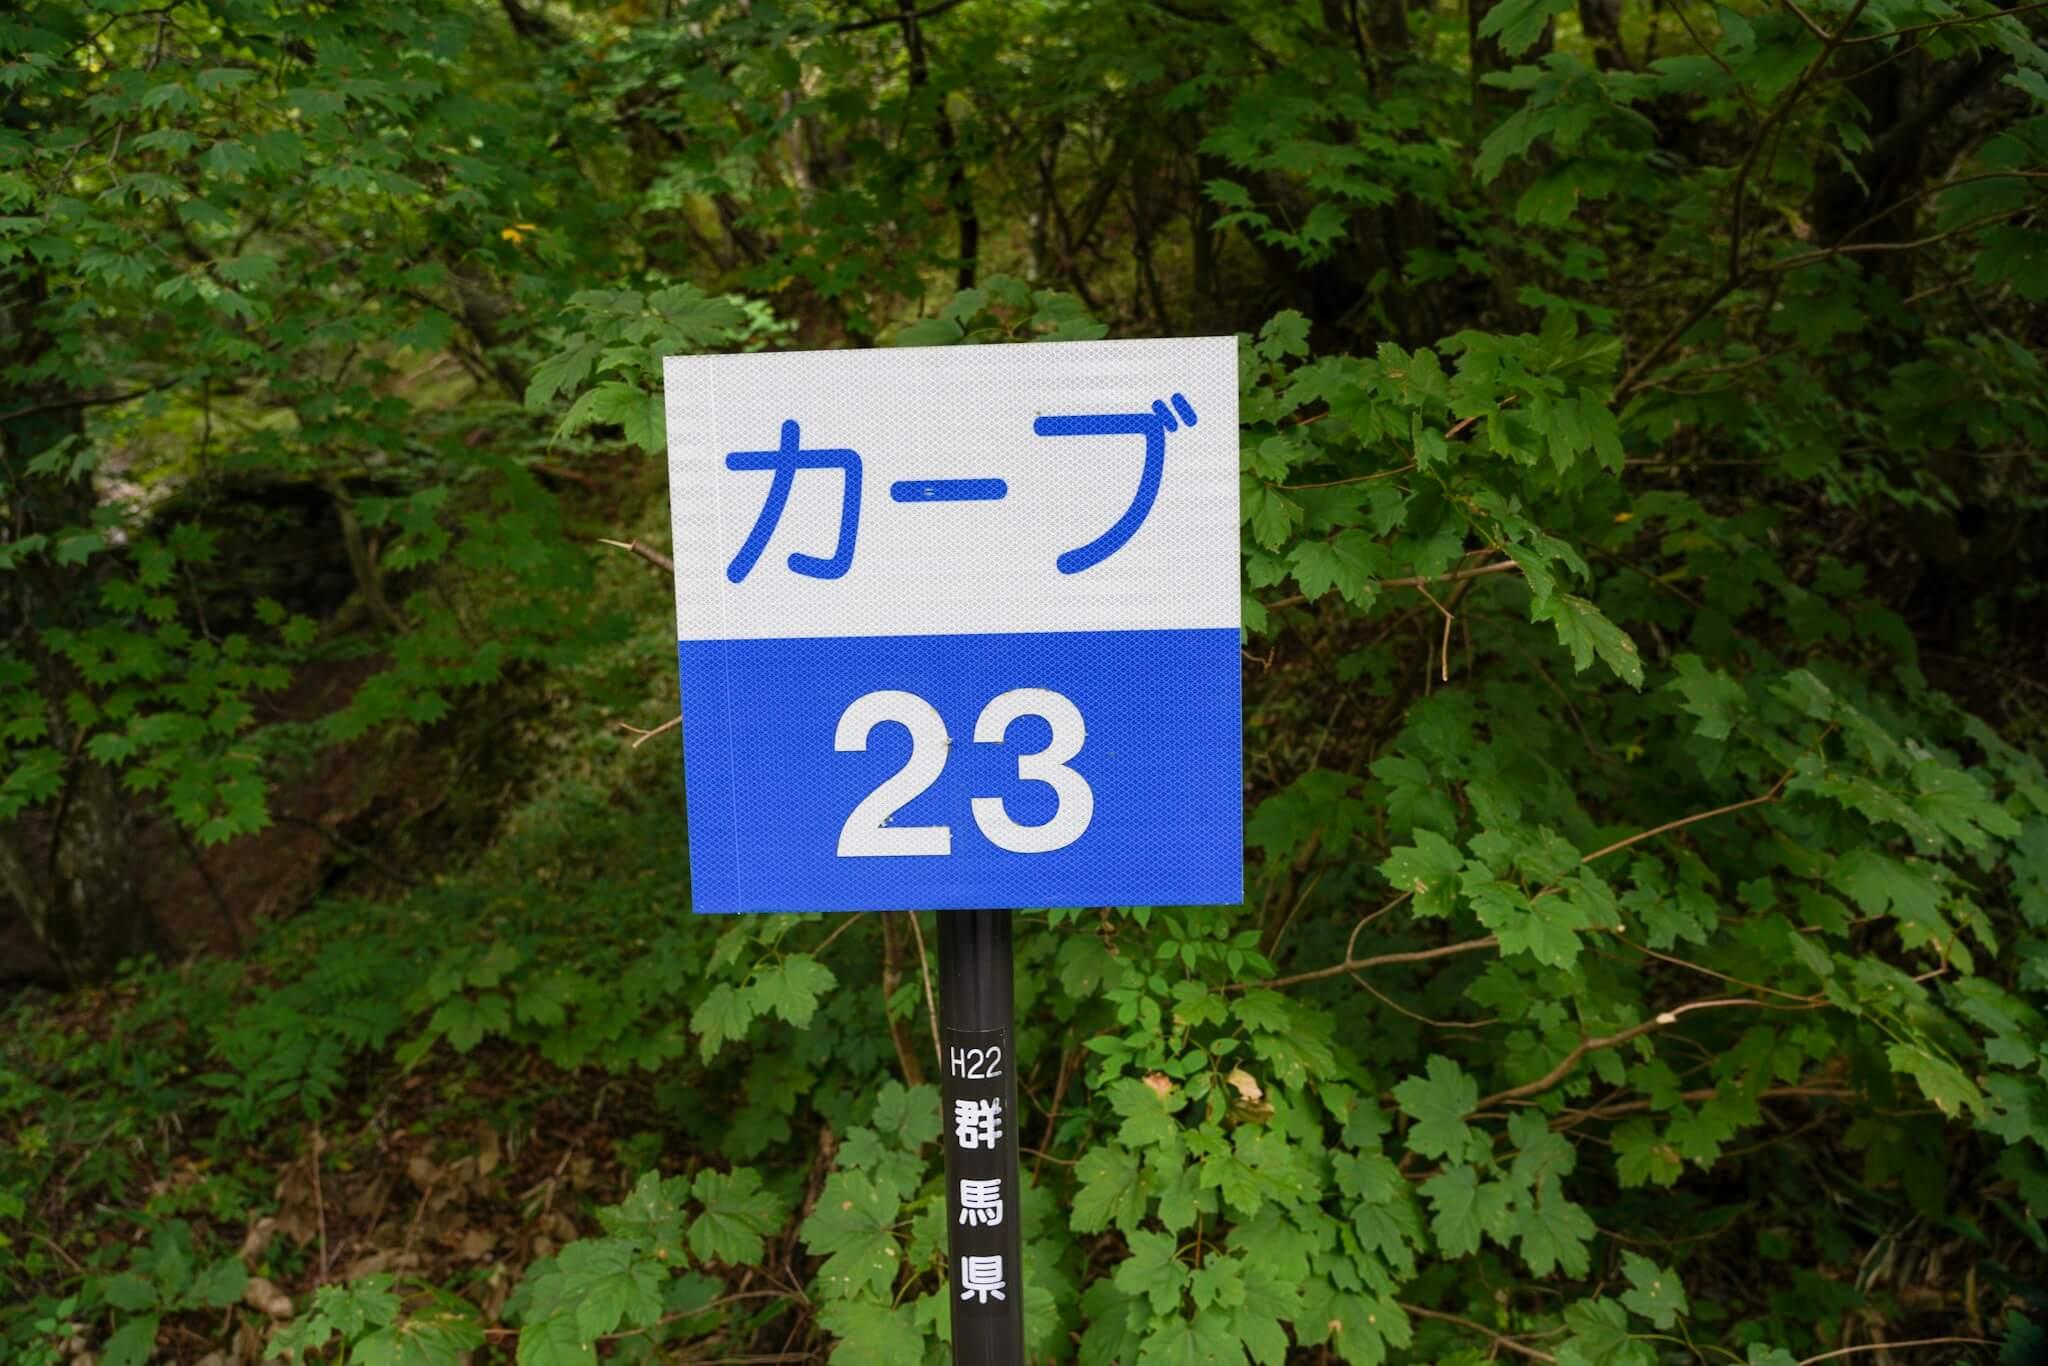 赤城山 峠 カーブNo.23